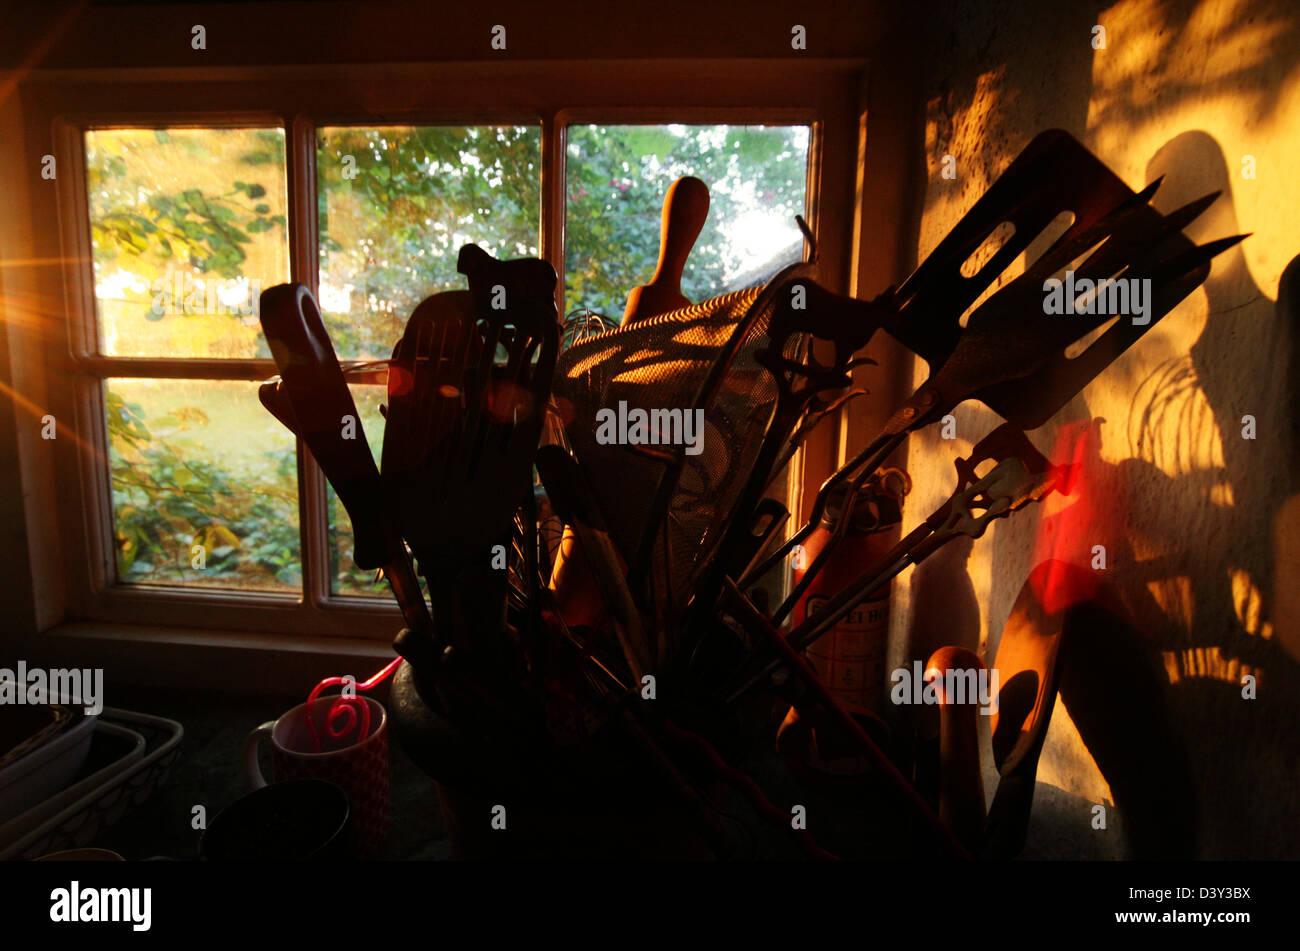 Golden sunlight through kitchen window illuminating utensils - Stock Image